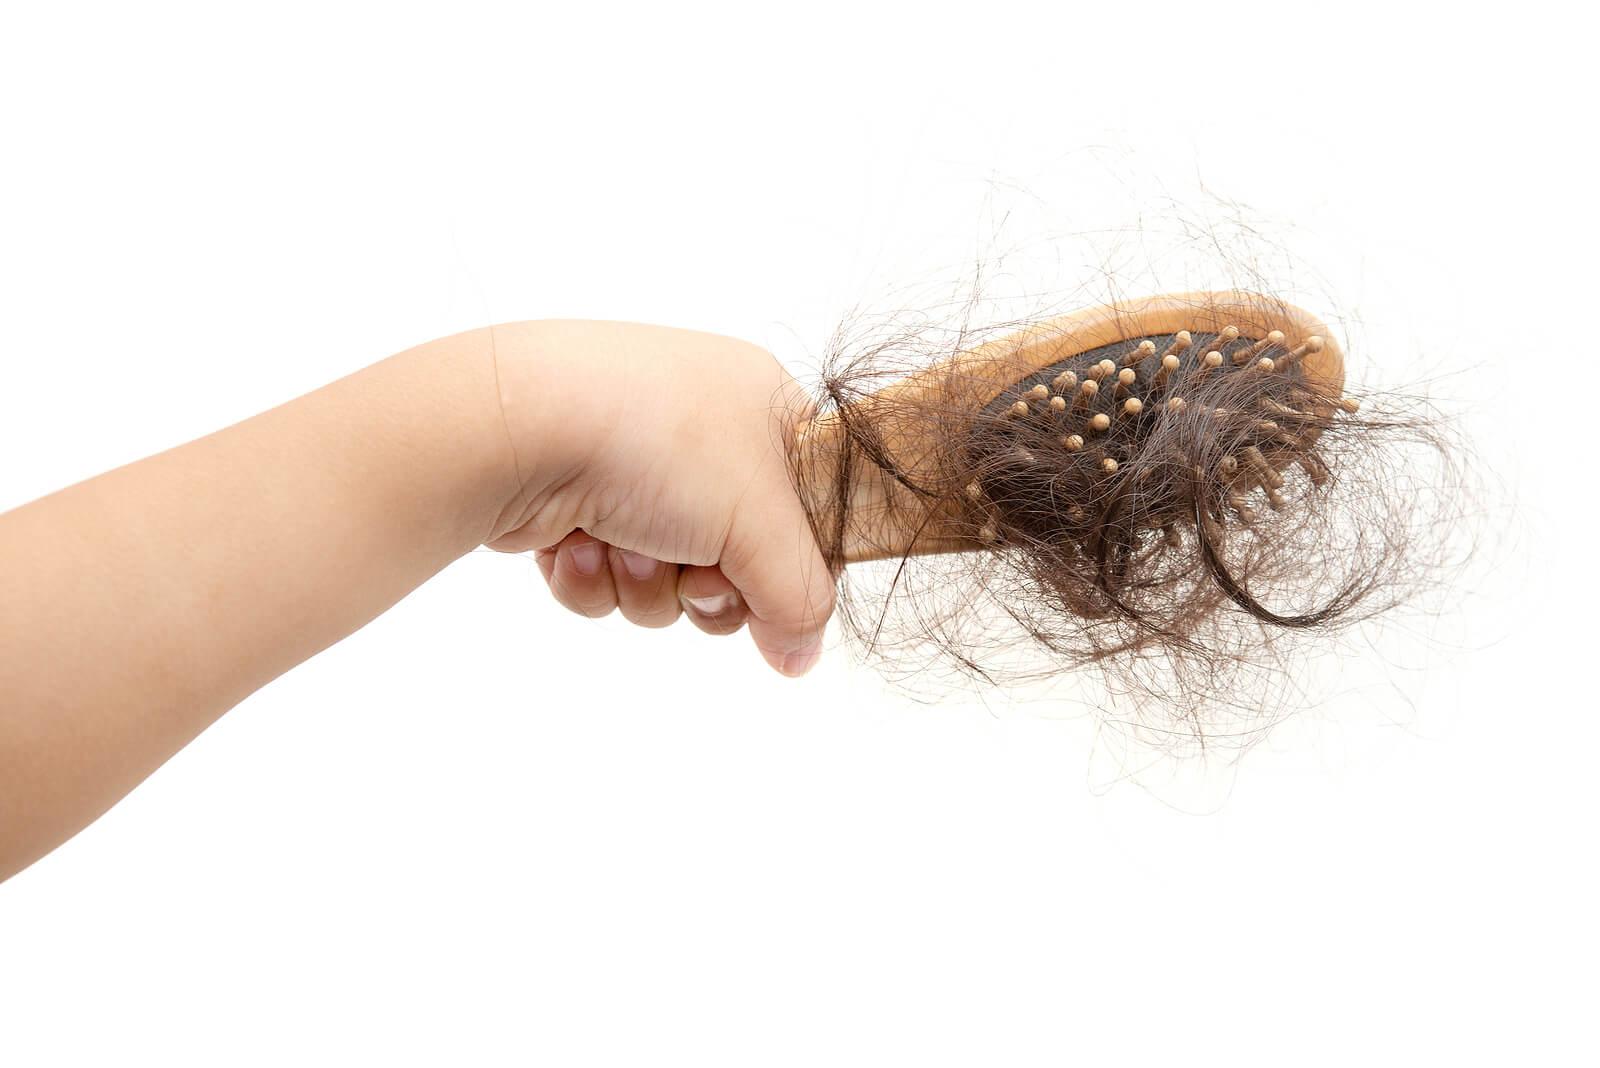 Cepillo leno de mechones debido a la alopecia en niños.